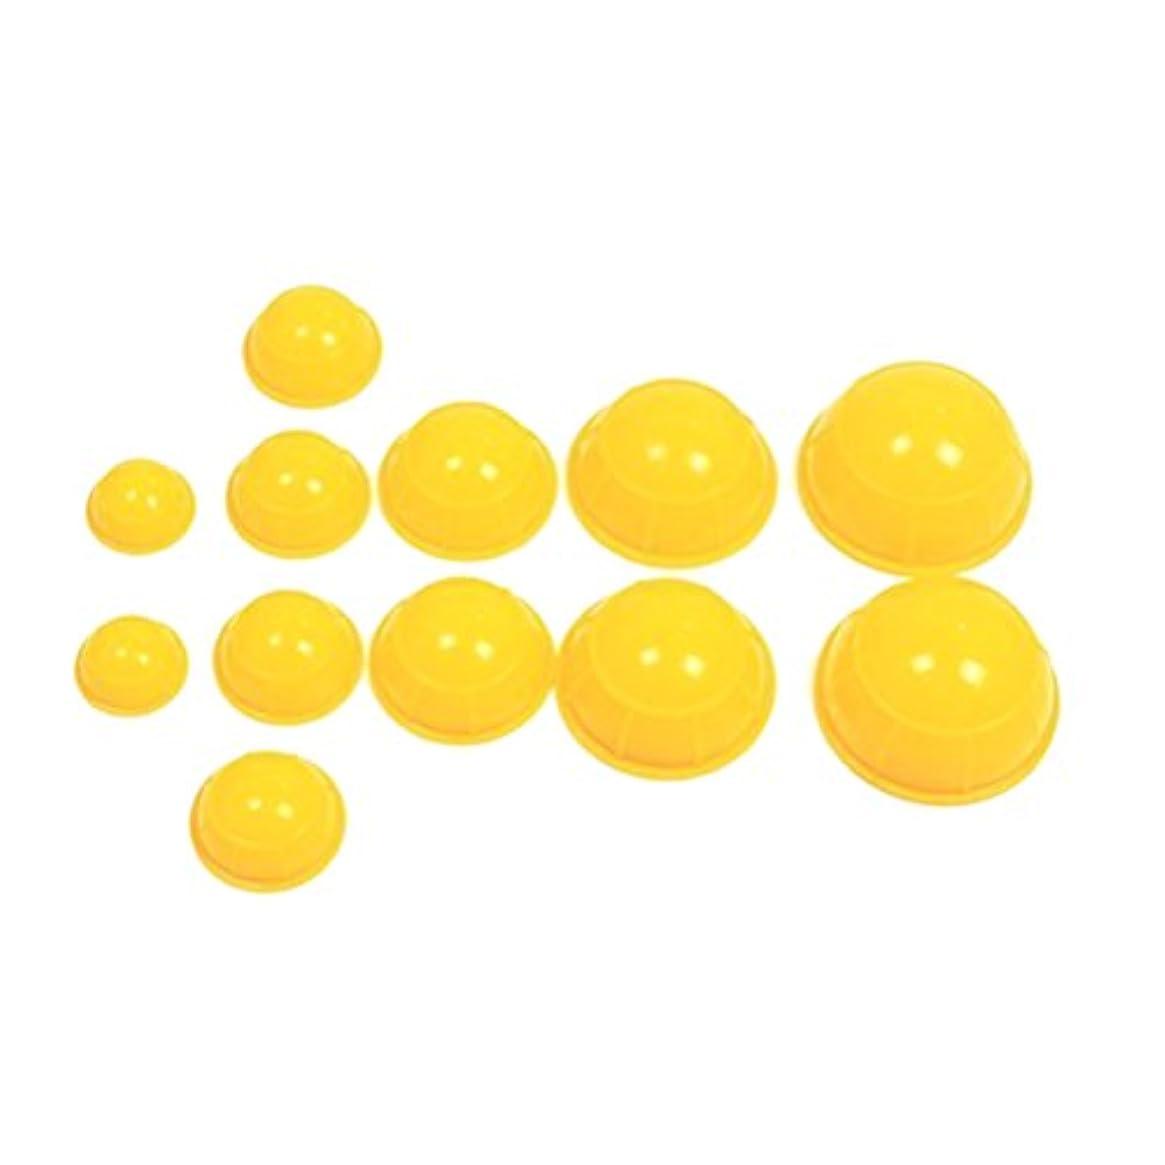 ROSENICE シリコーンマッサージカッピングカップセットボディフェイシャルセラピーカッピングカップ12個(イエロー)